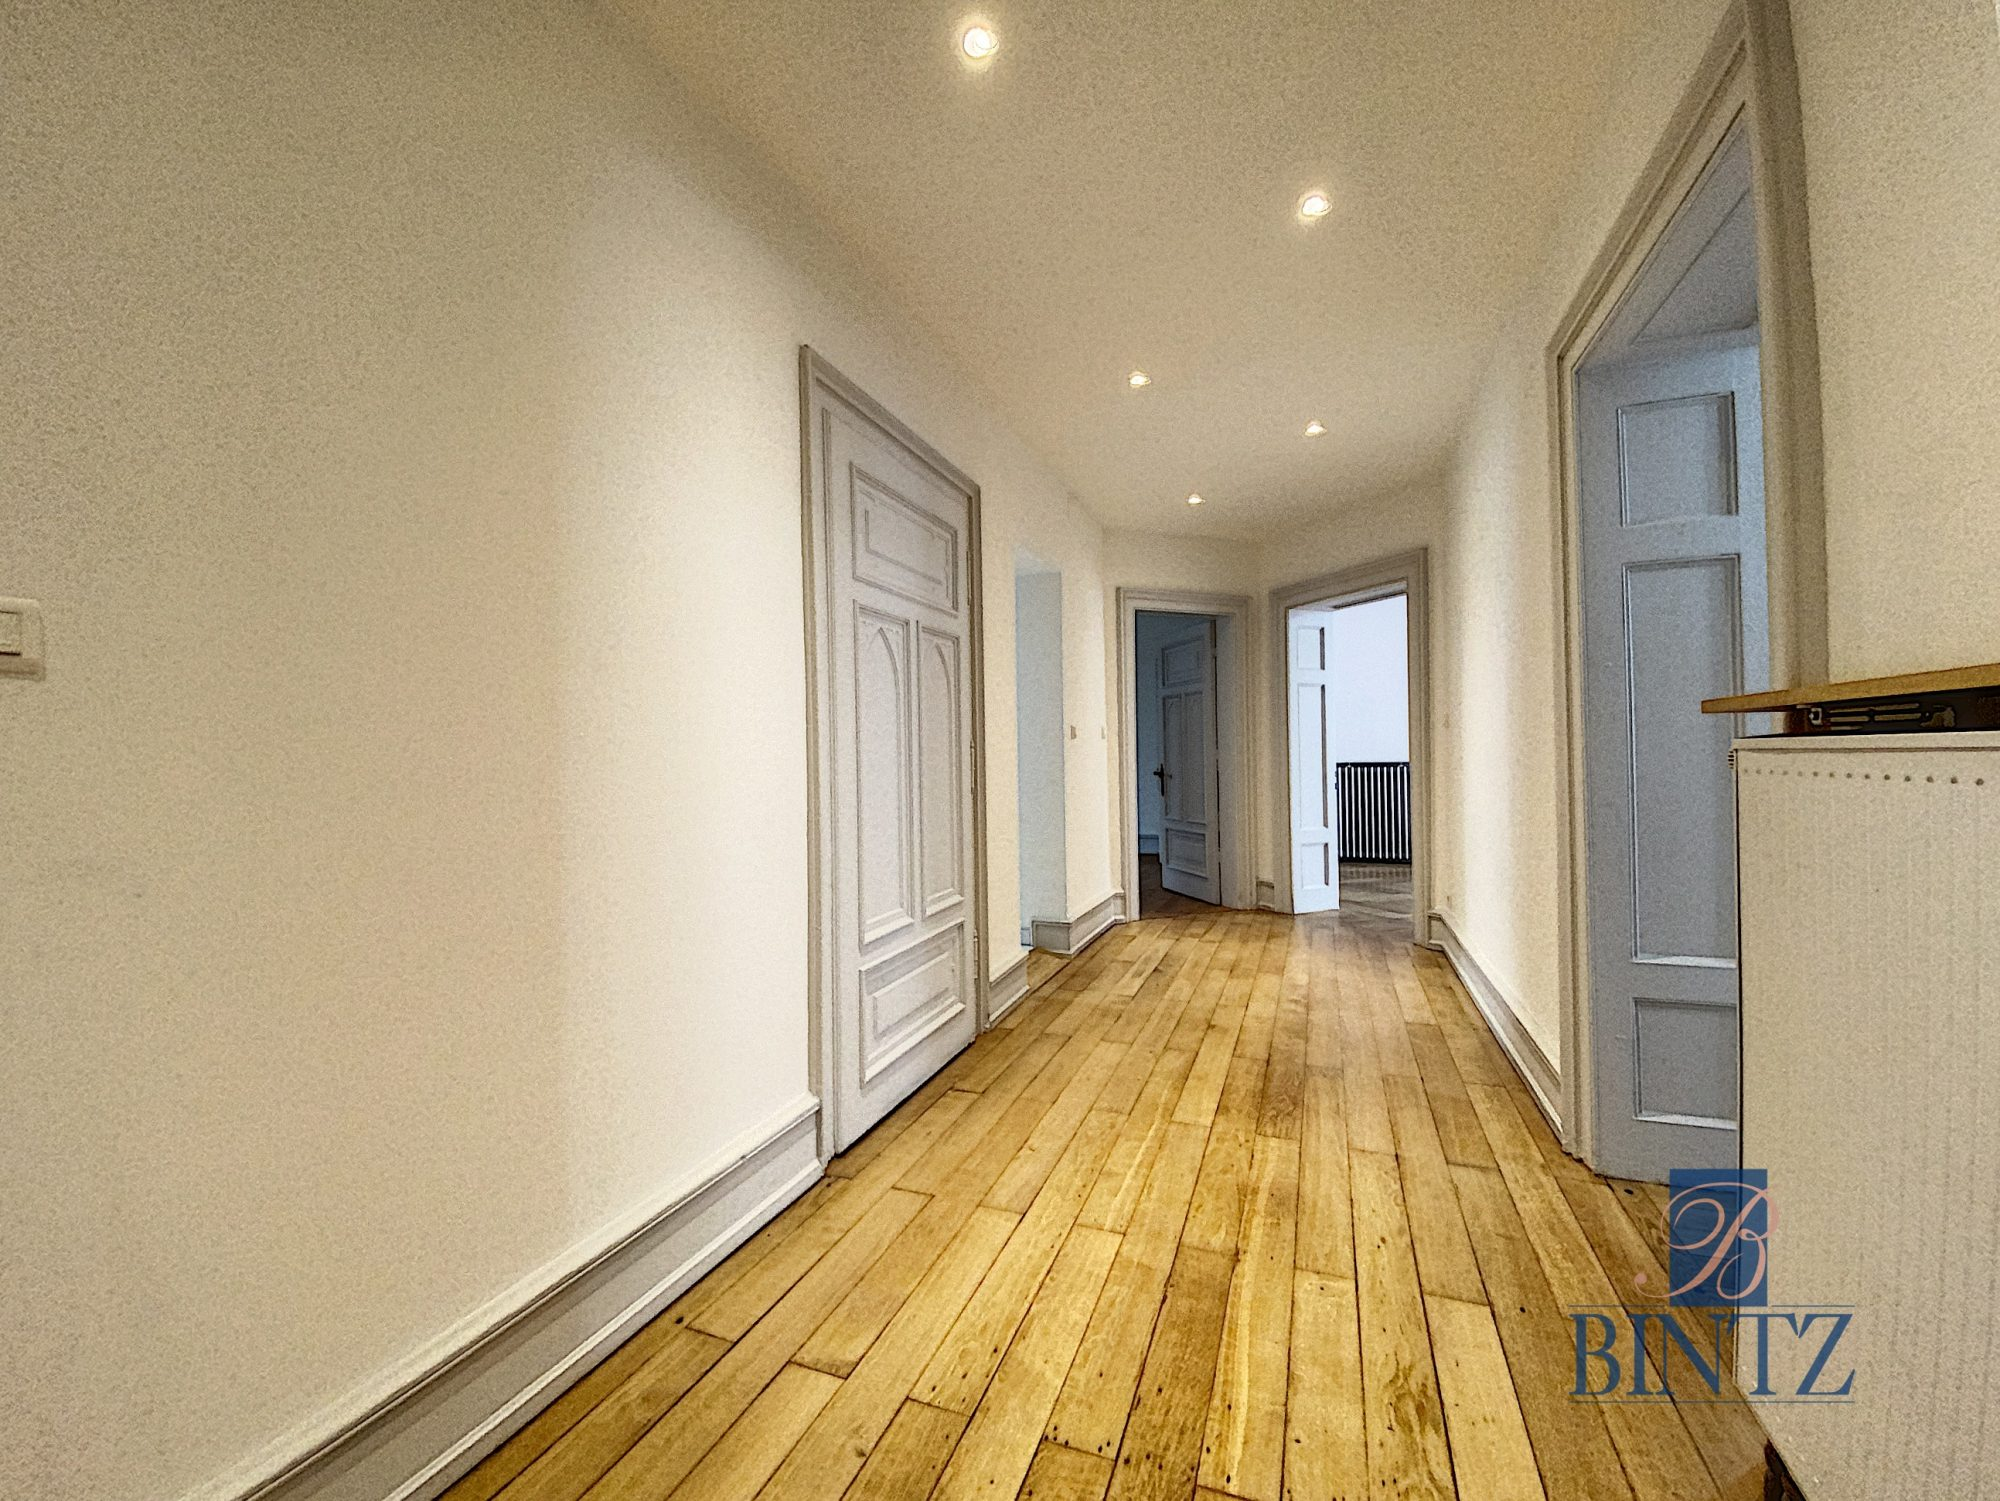 Magnifique 6 pièces de 164m2 Quartier Neustadt - Devenez propriétaire en toute confiance - Bintz Immobilier - 11